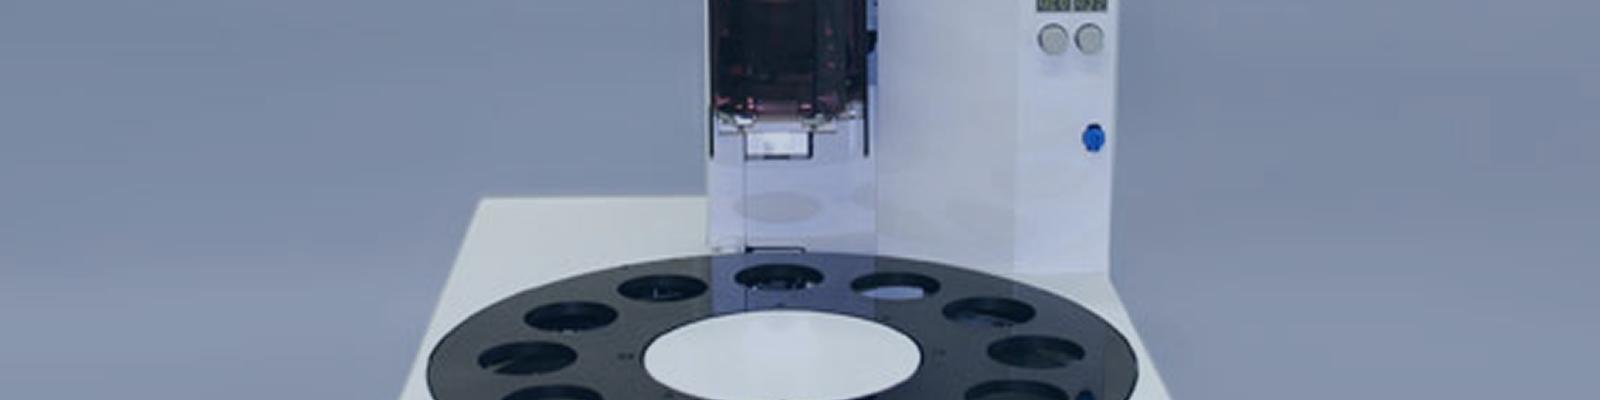 卓上型自動開栓トルク測定装置